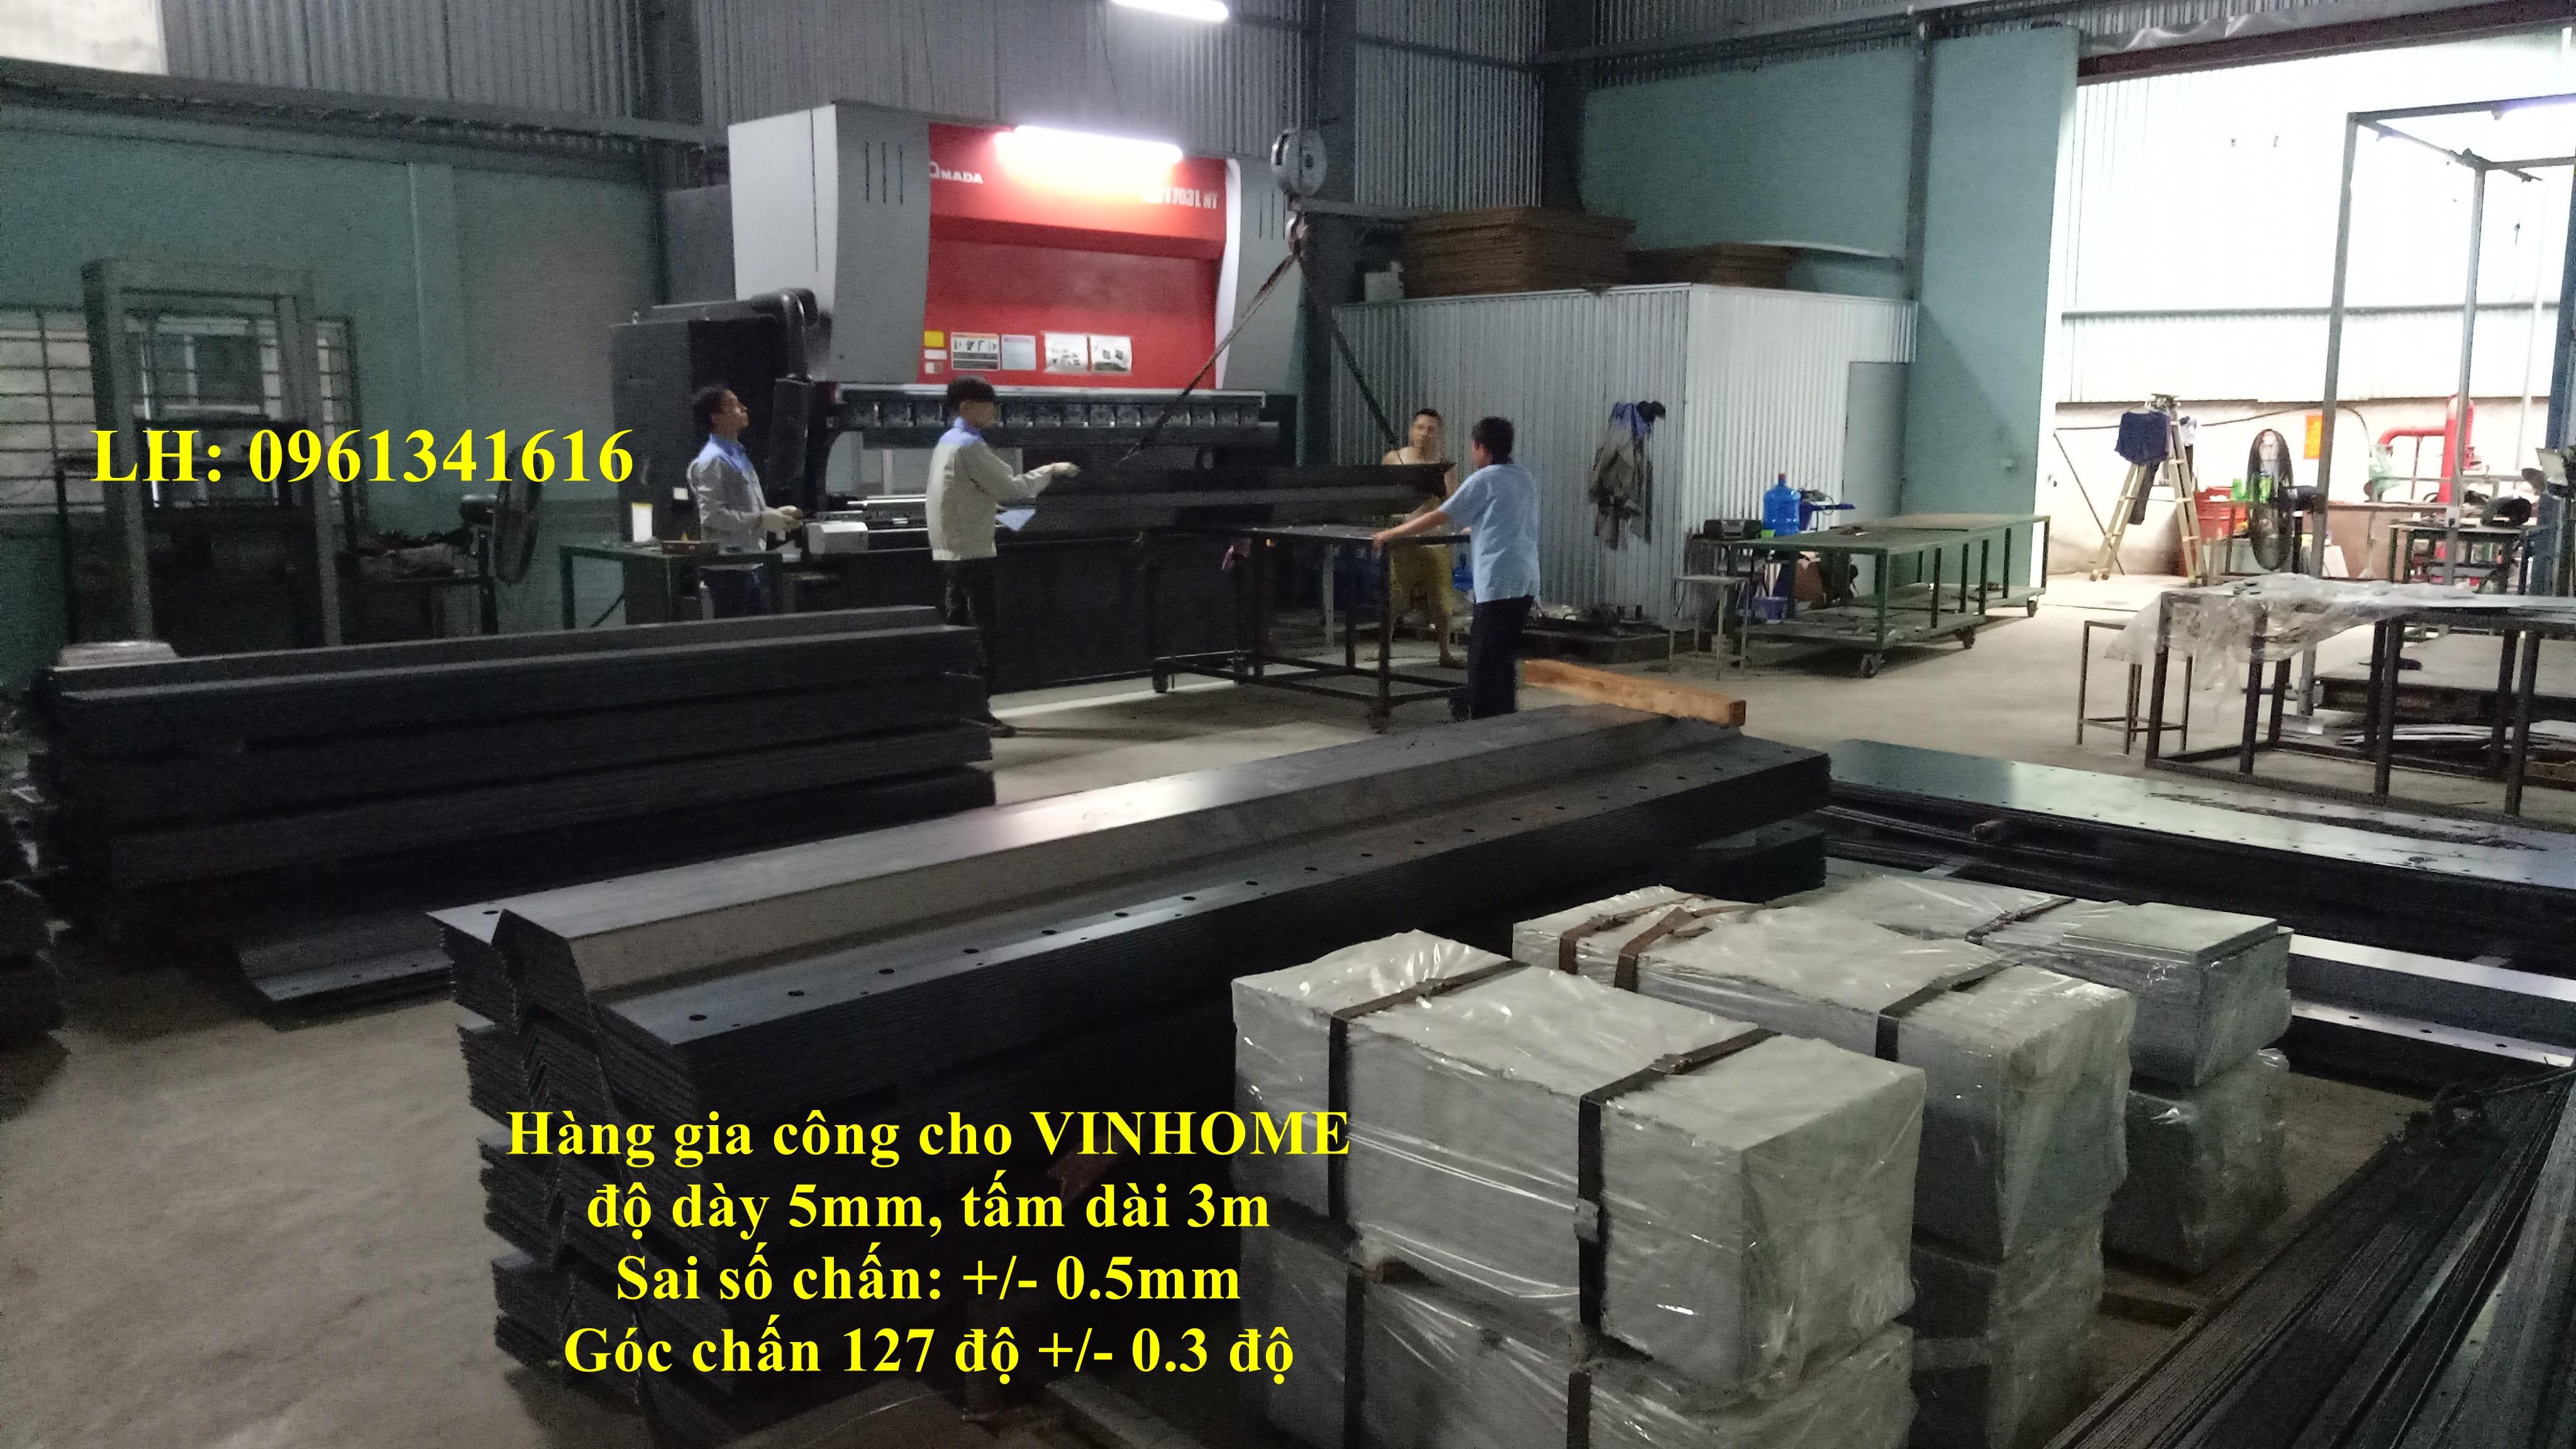 Tuyển lao động cho xưởng cơ khí tại Từ Sơn  Bắc Ninh  LH: